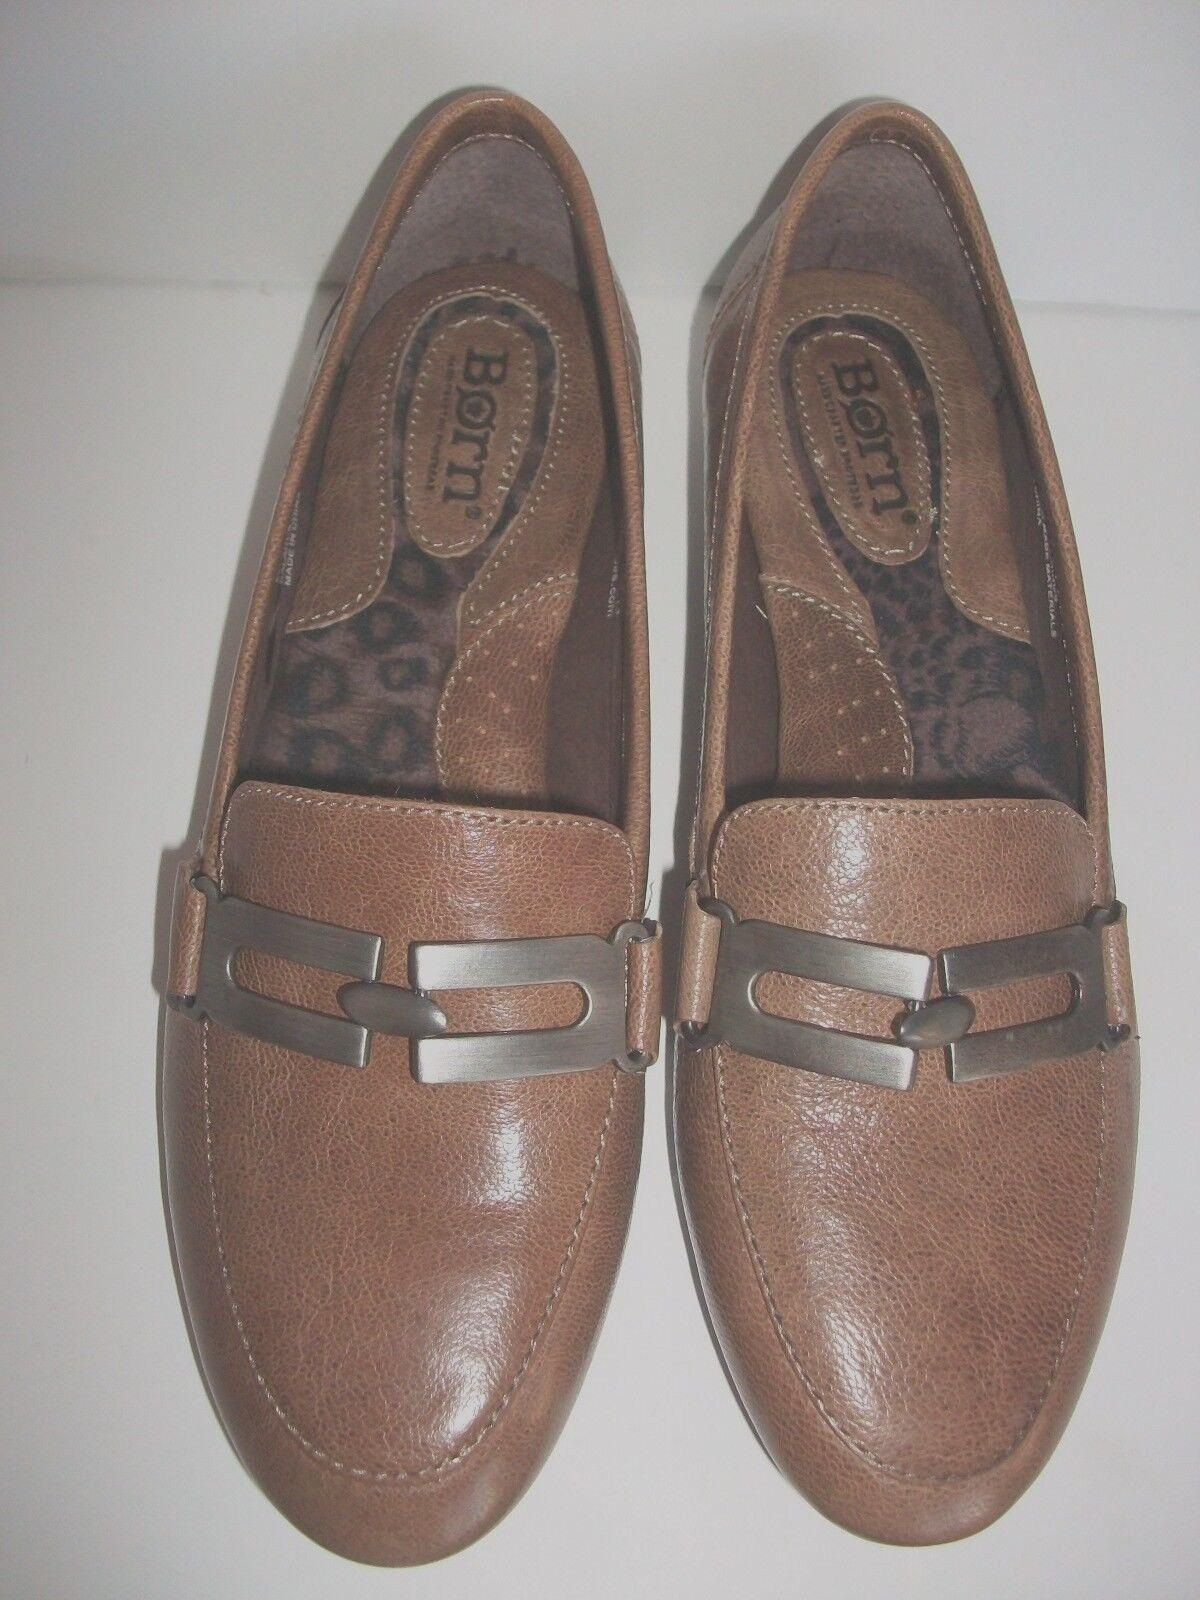 Born Born Born Plana Zapatos Talla 6 36.5  barato en alta calidad